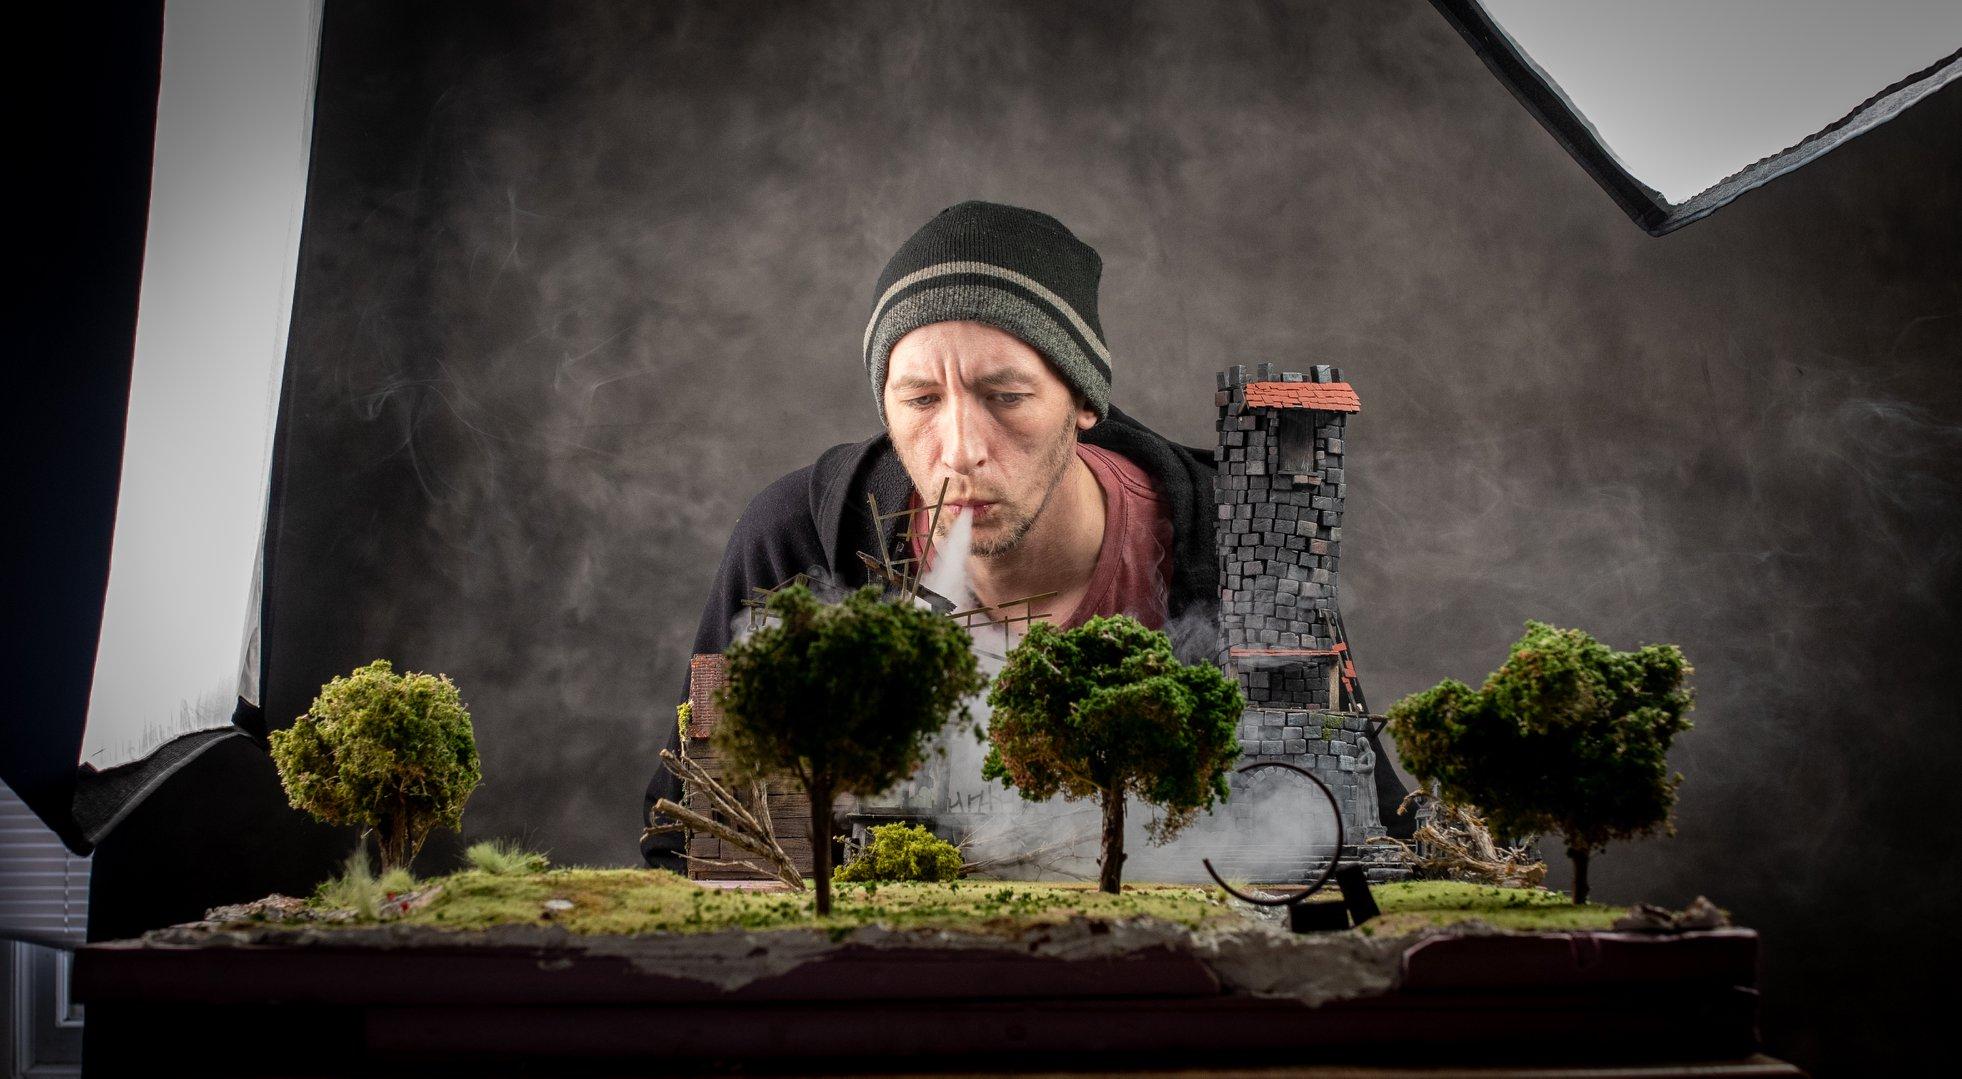 Sesión fotográfica del Cosplay de Anduin Lothar con decorado en miniatura